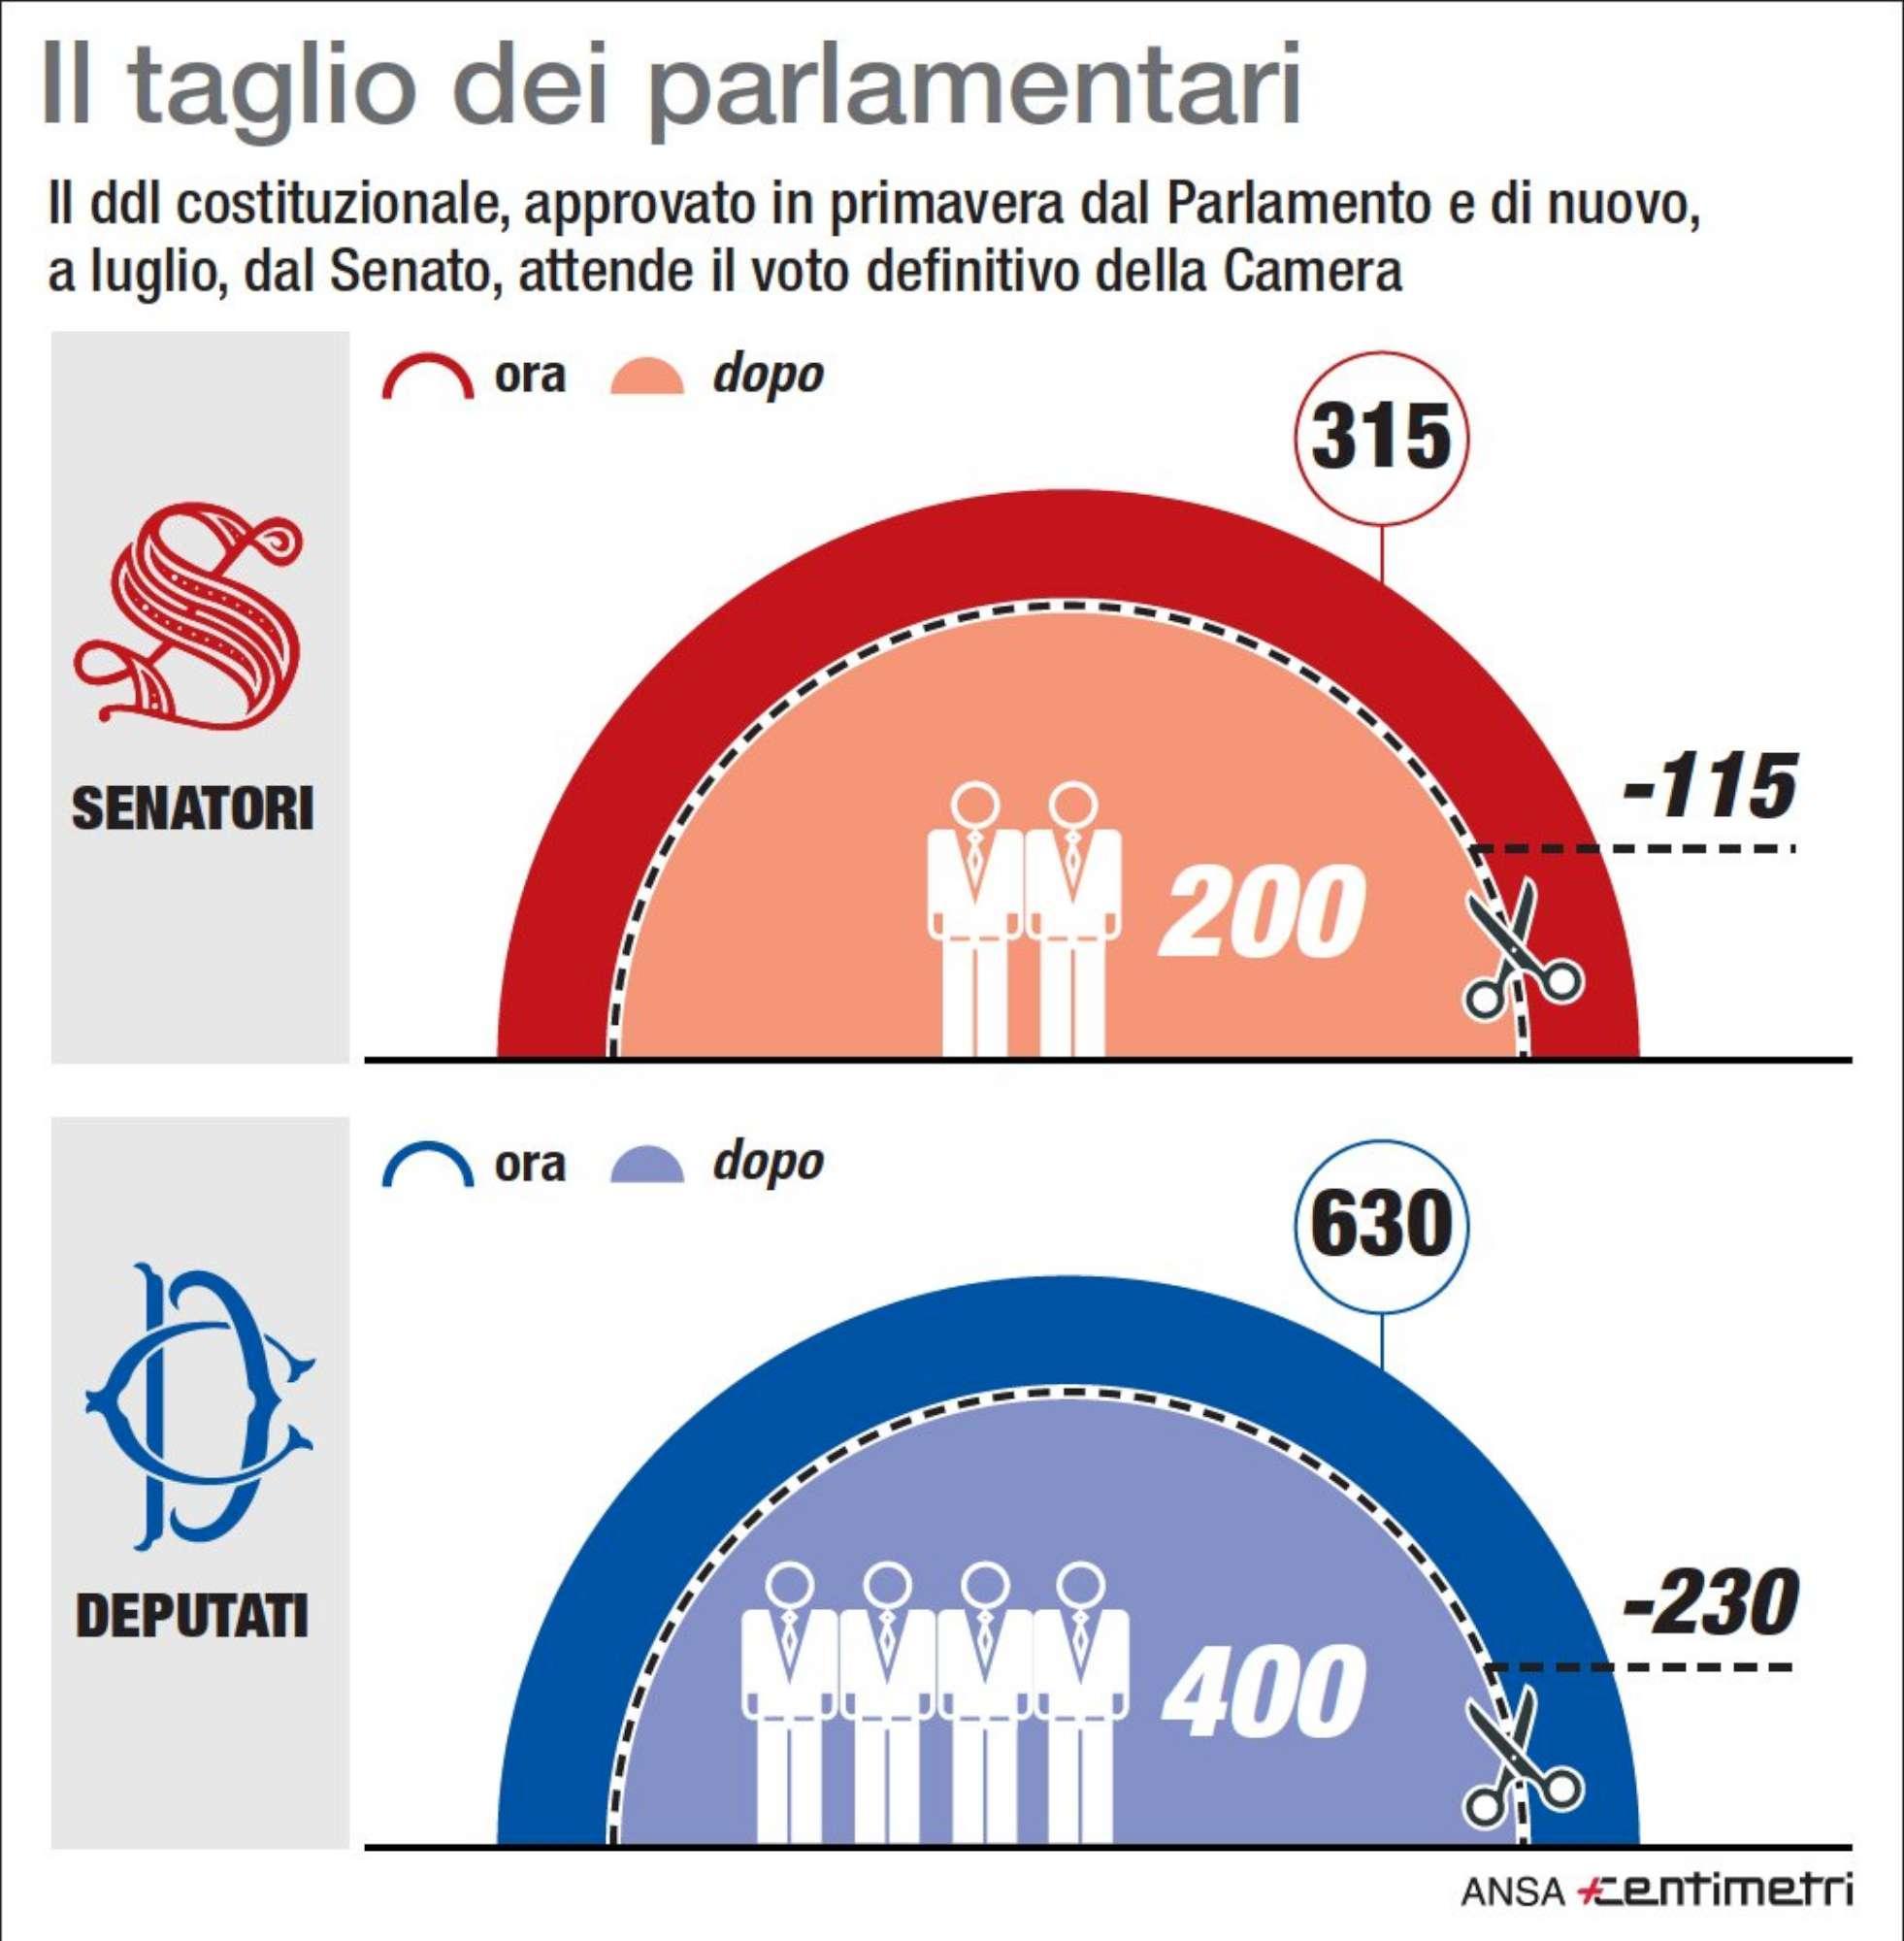 Taglio dei parlamentari: ecco cosa prevede il ddl